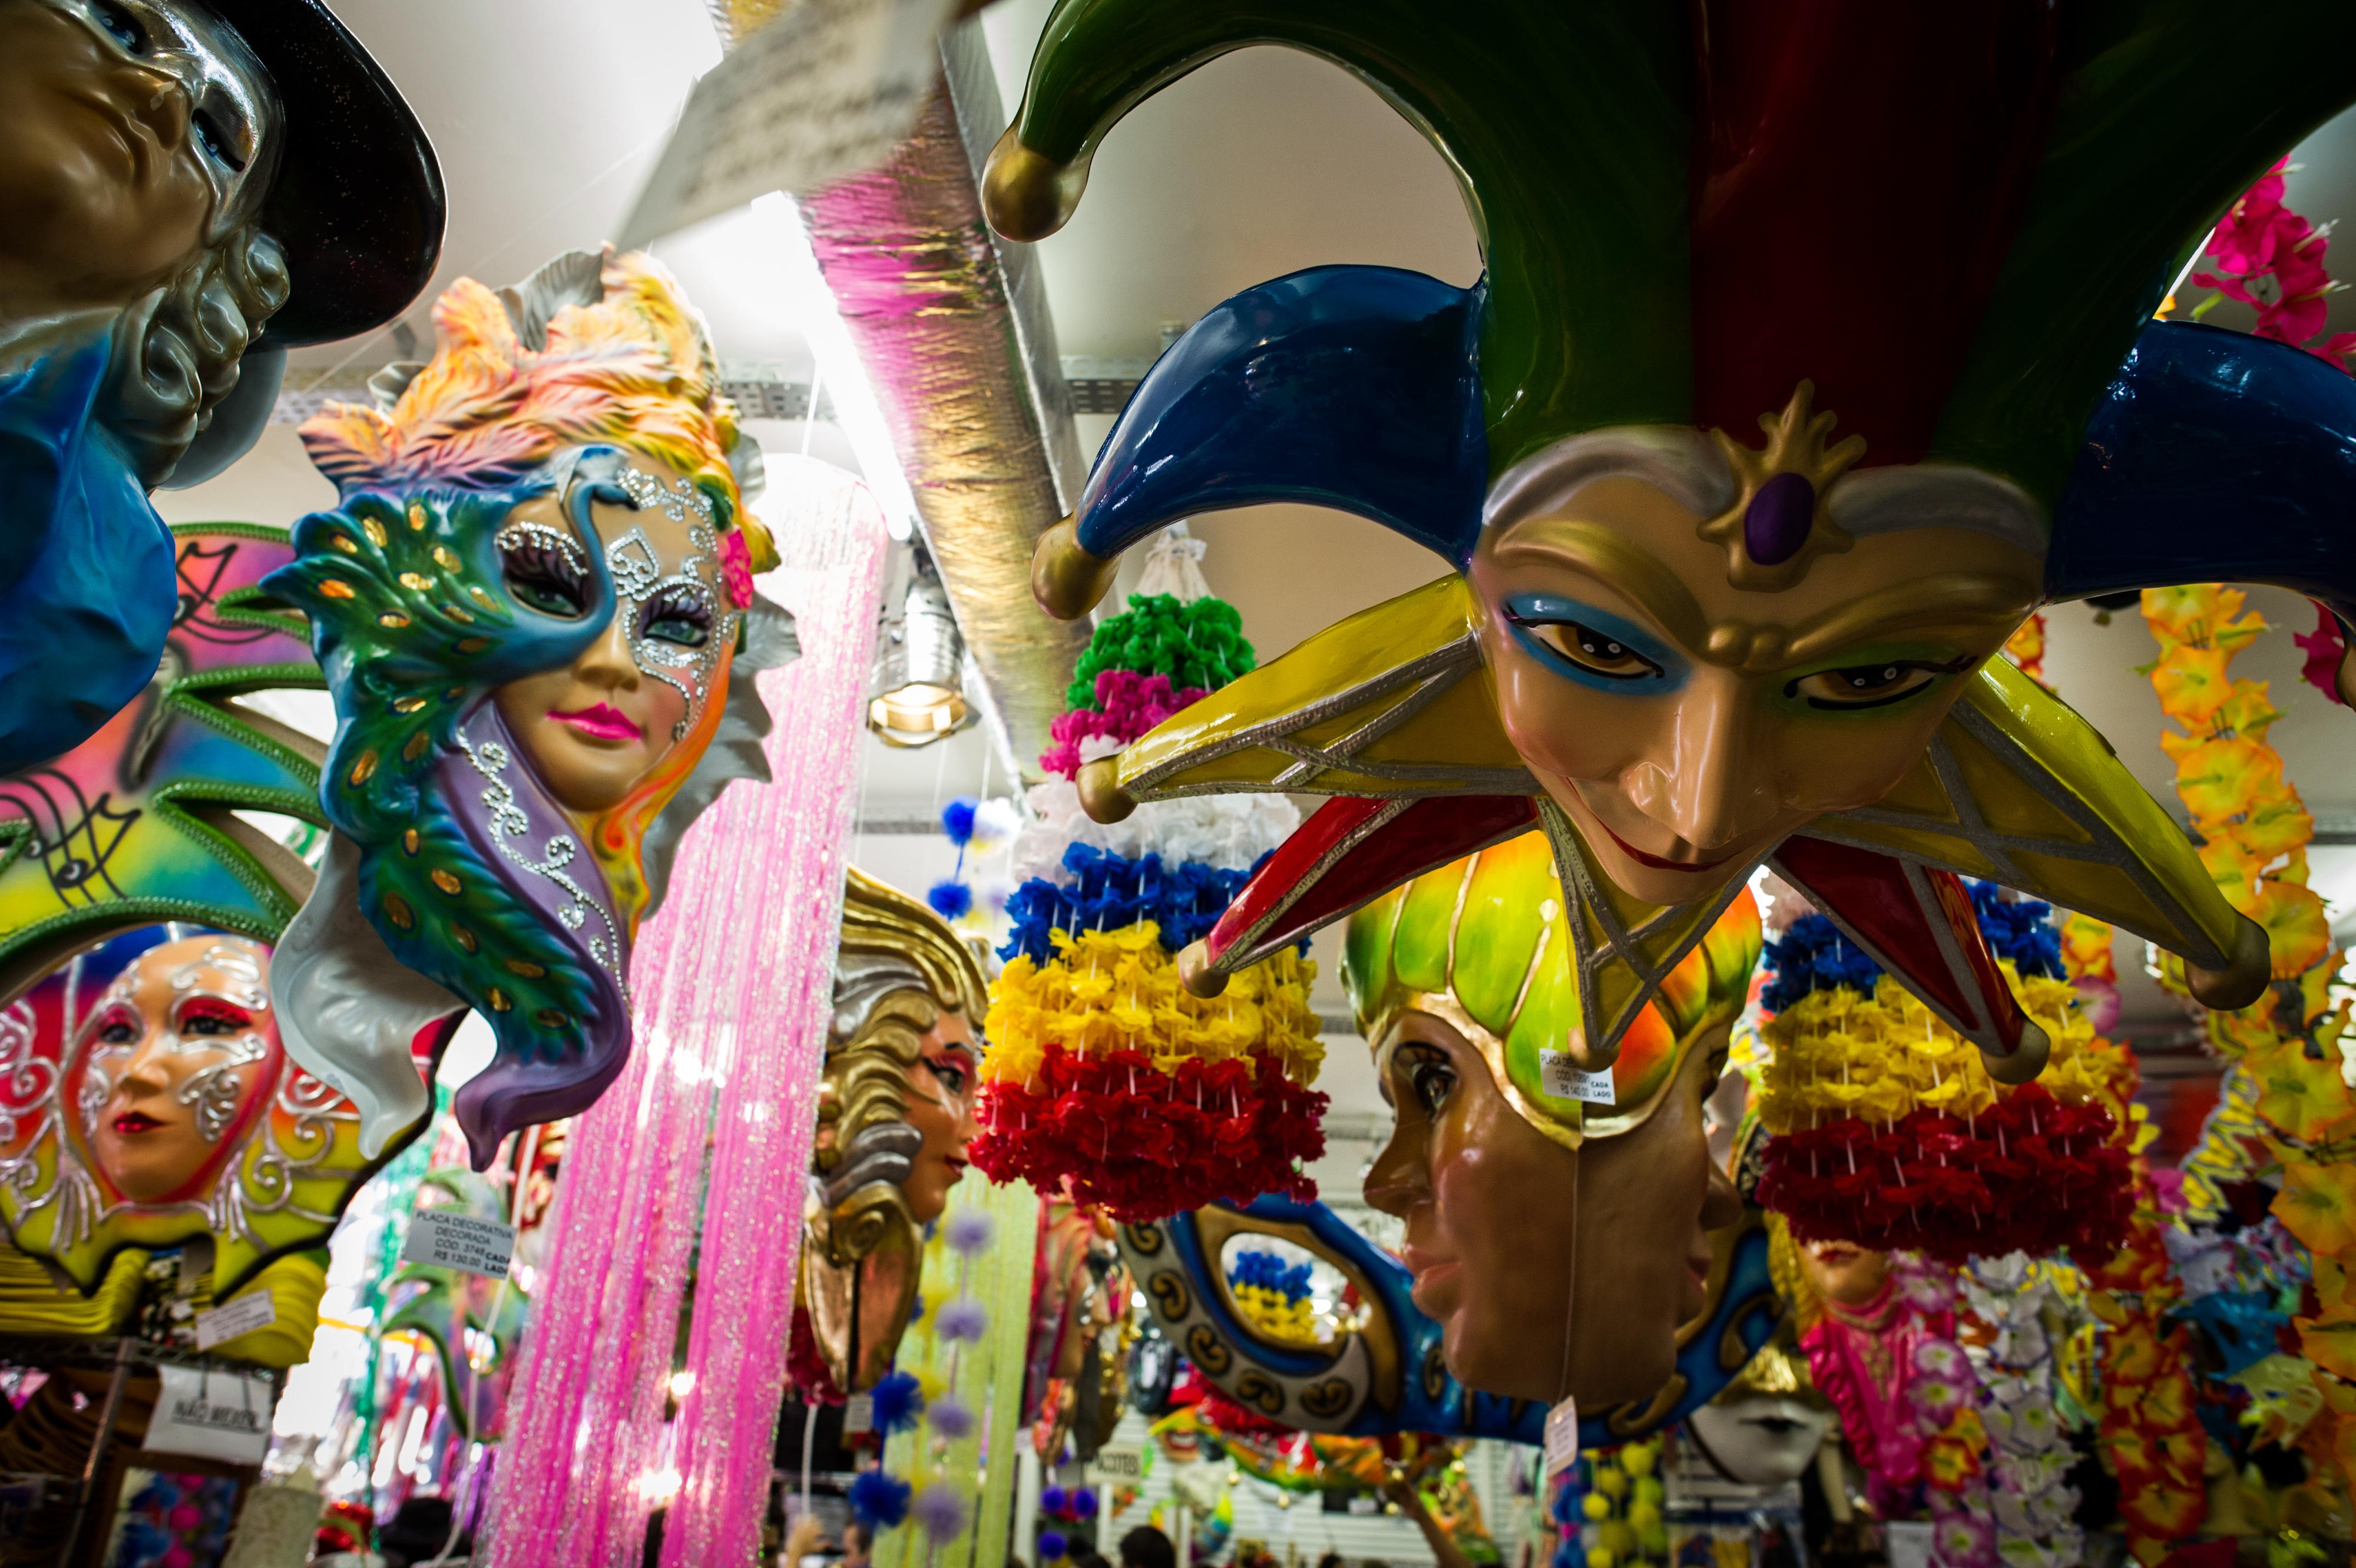 Carnevale idee per addobbi fai da te e decorazioni - Decorazioni per feste fai da te ...